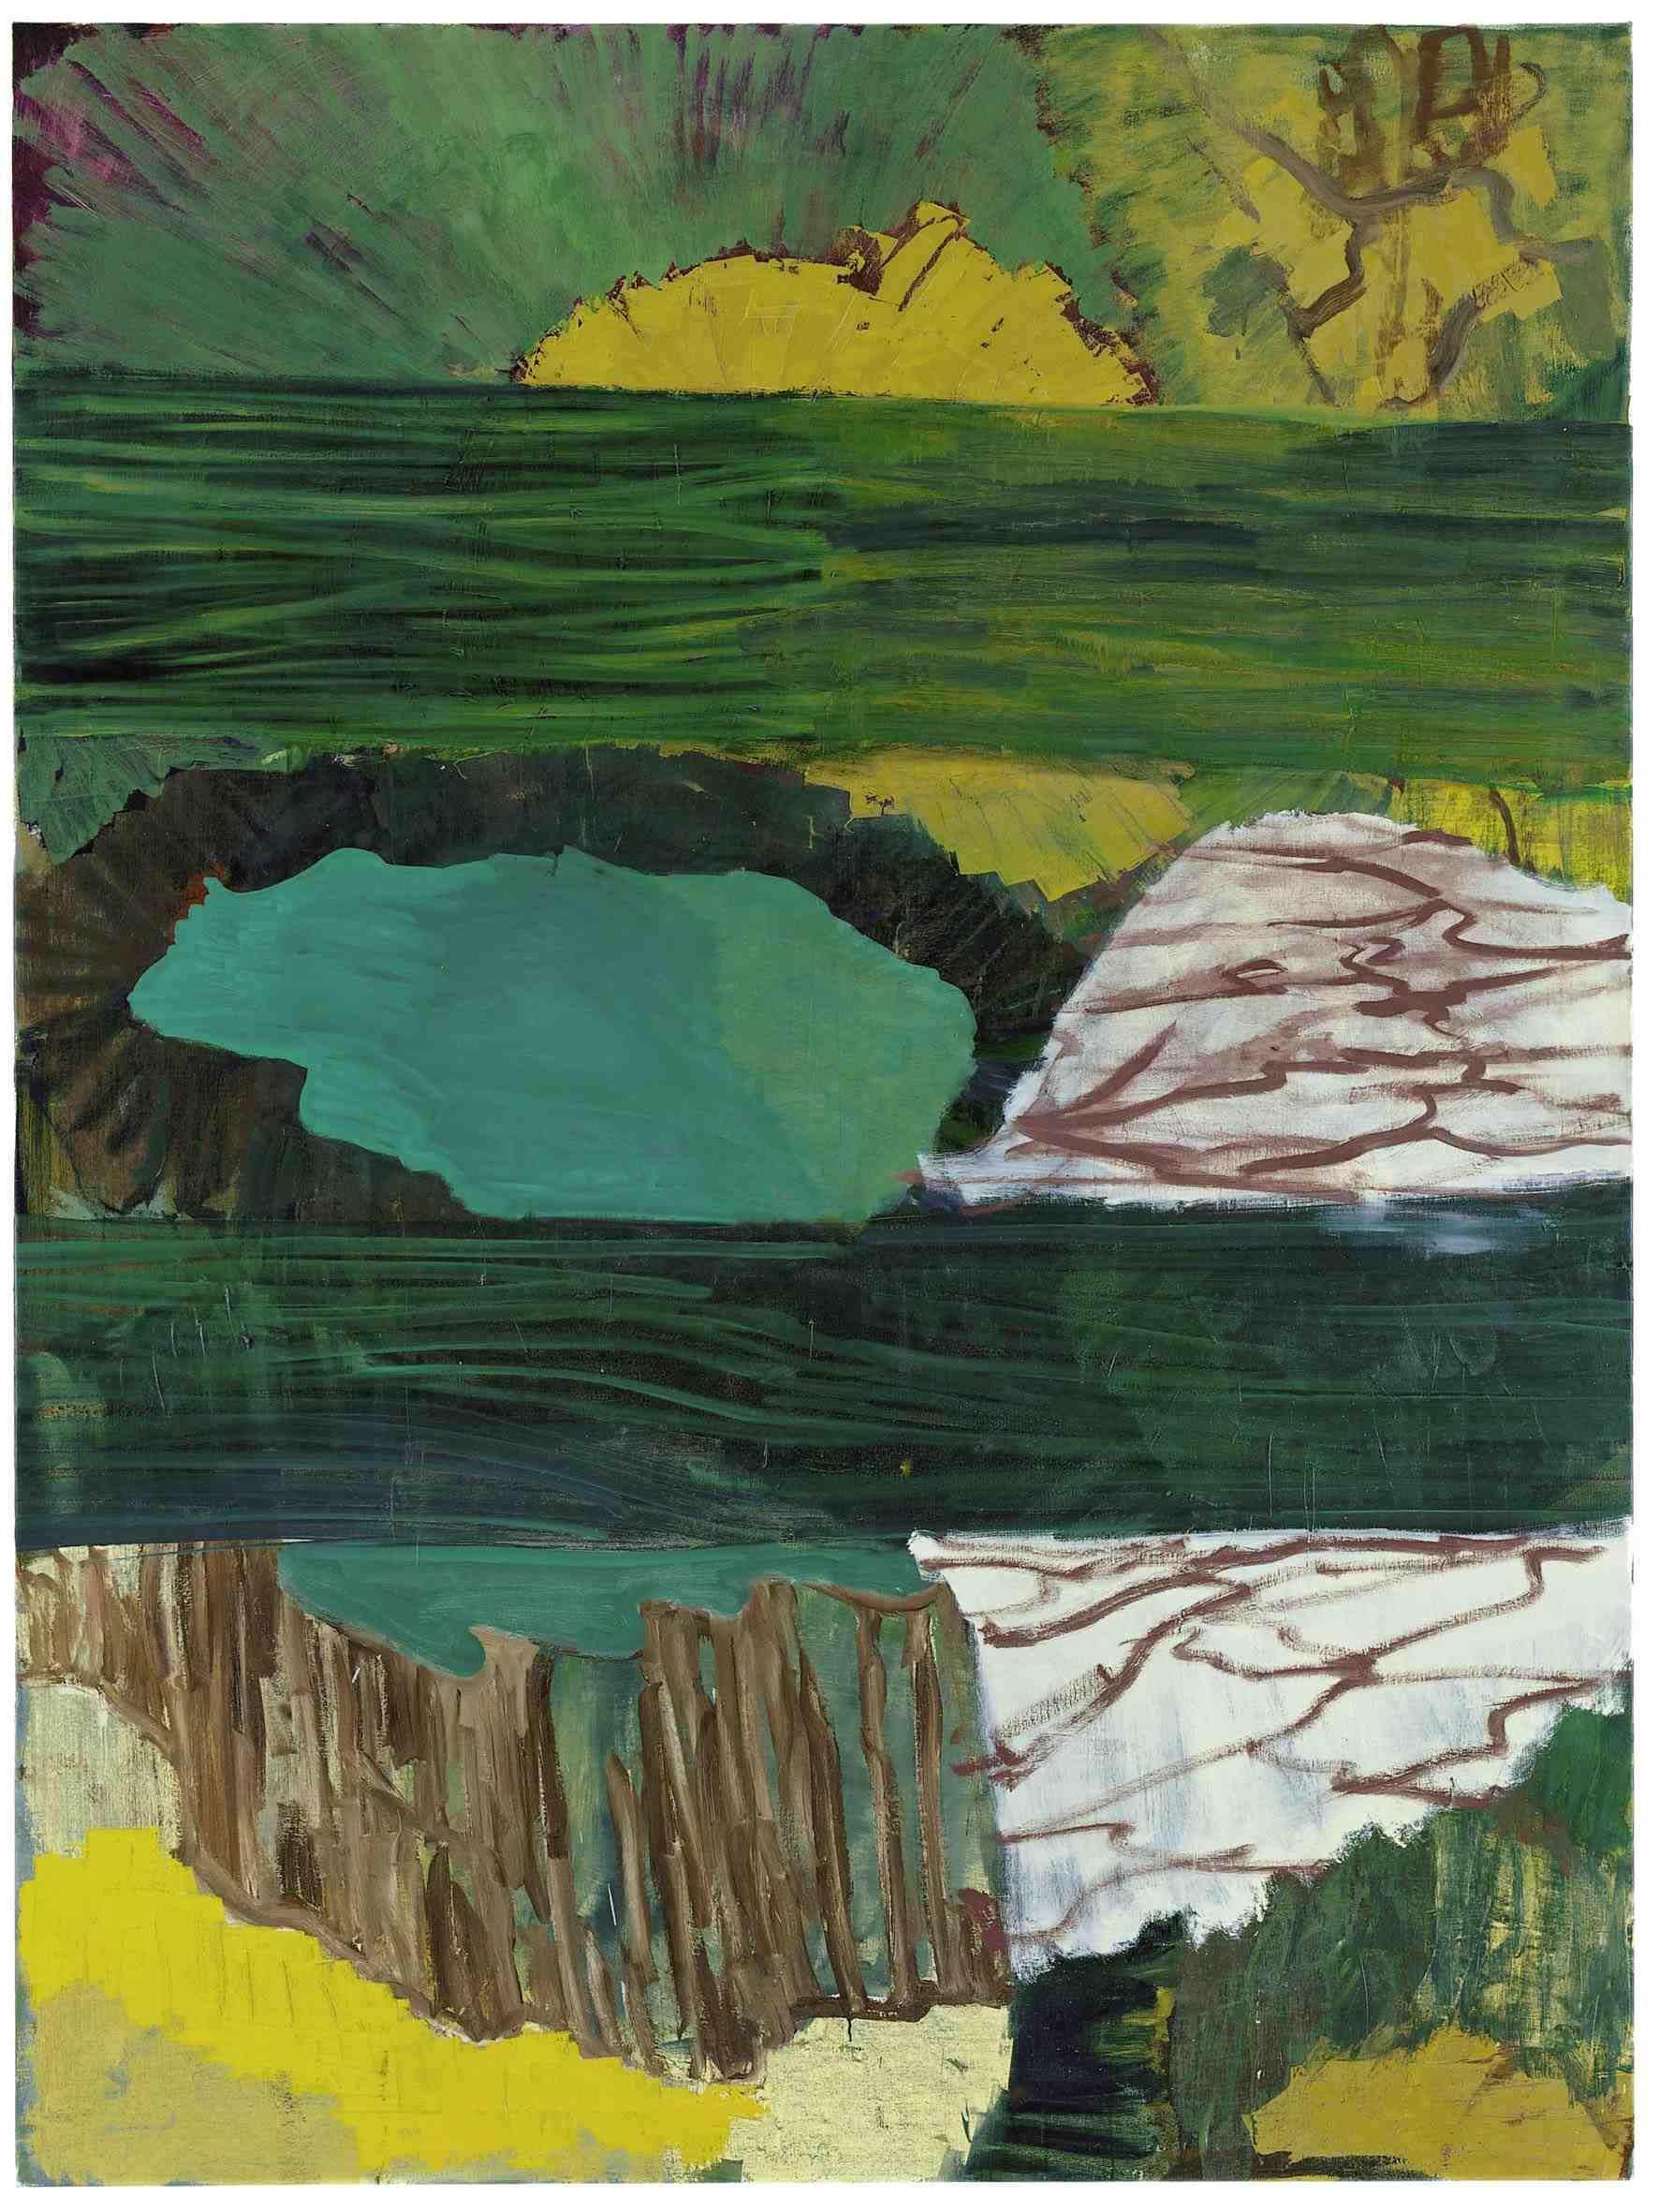 PER KIRKEBY Verkostung, 1999 olio su tela, 200 x 150 cm Courtesy Galerie Michael Werner, Märkisch Wilmersdorf